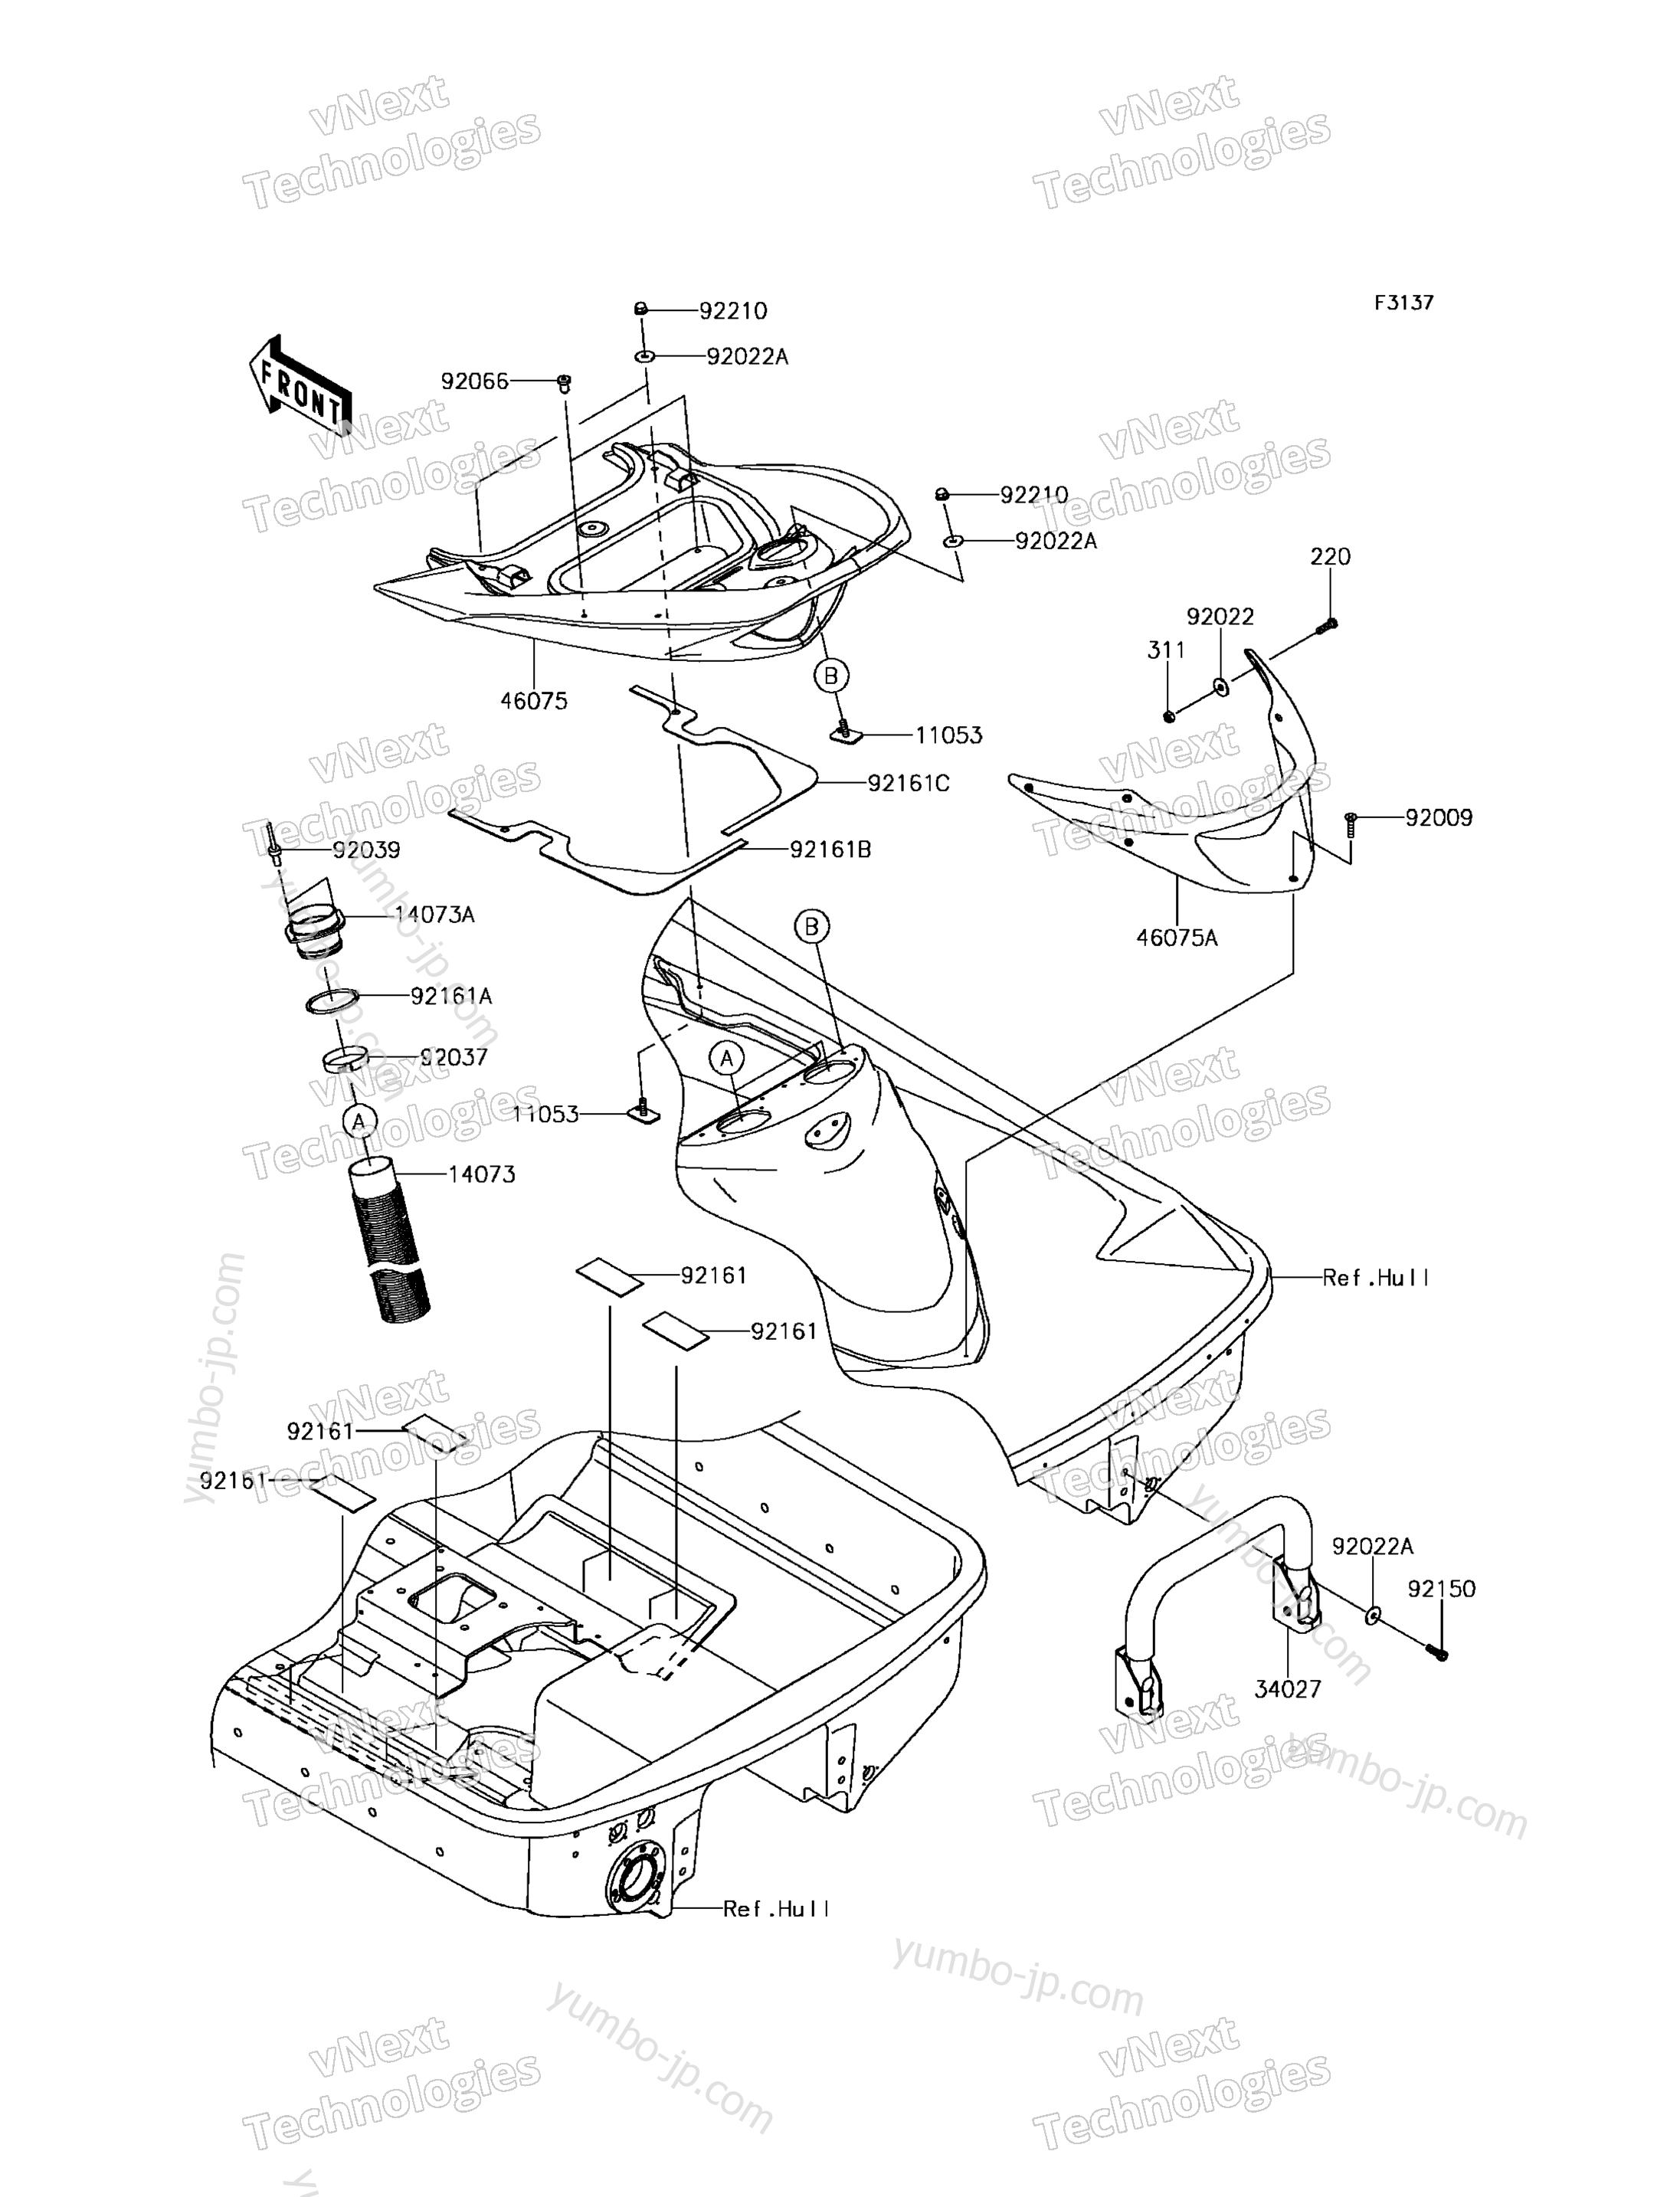 Hull Rear Fittings для гидроцикла KAWASAKI JET SKI ULTRA 310X (JT1500PGF) 2016 г.